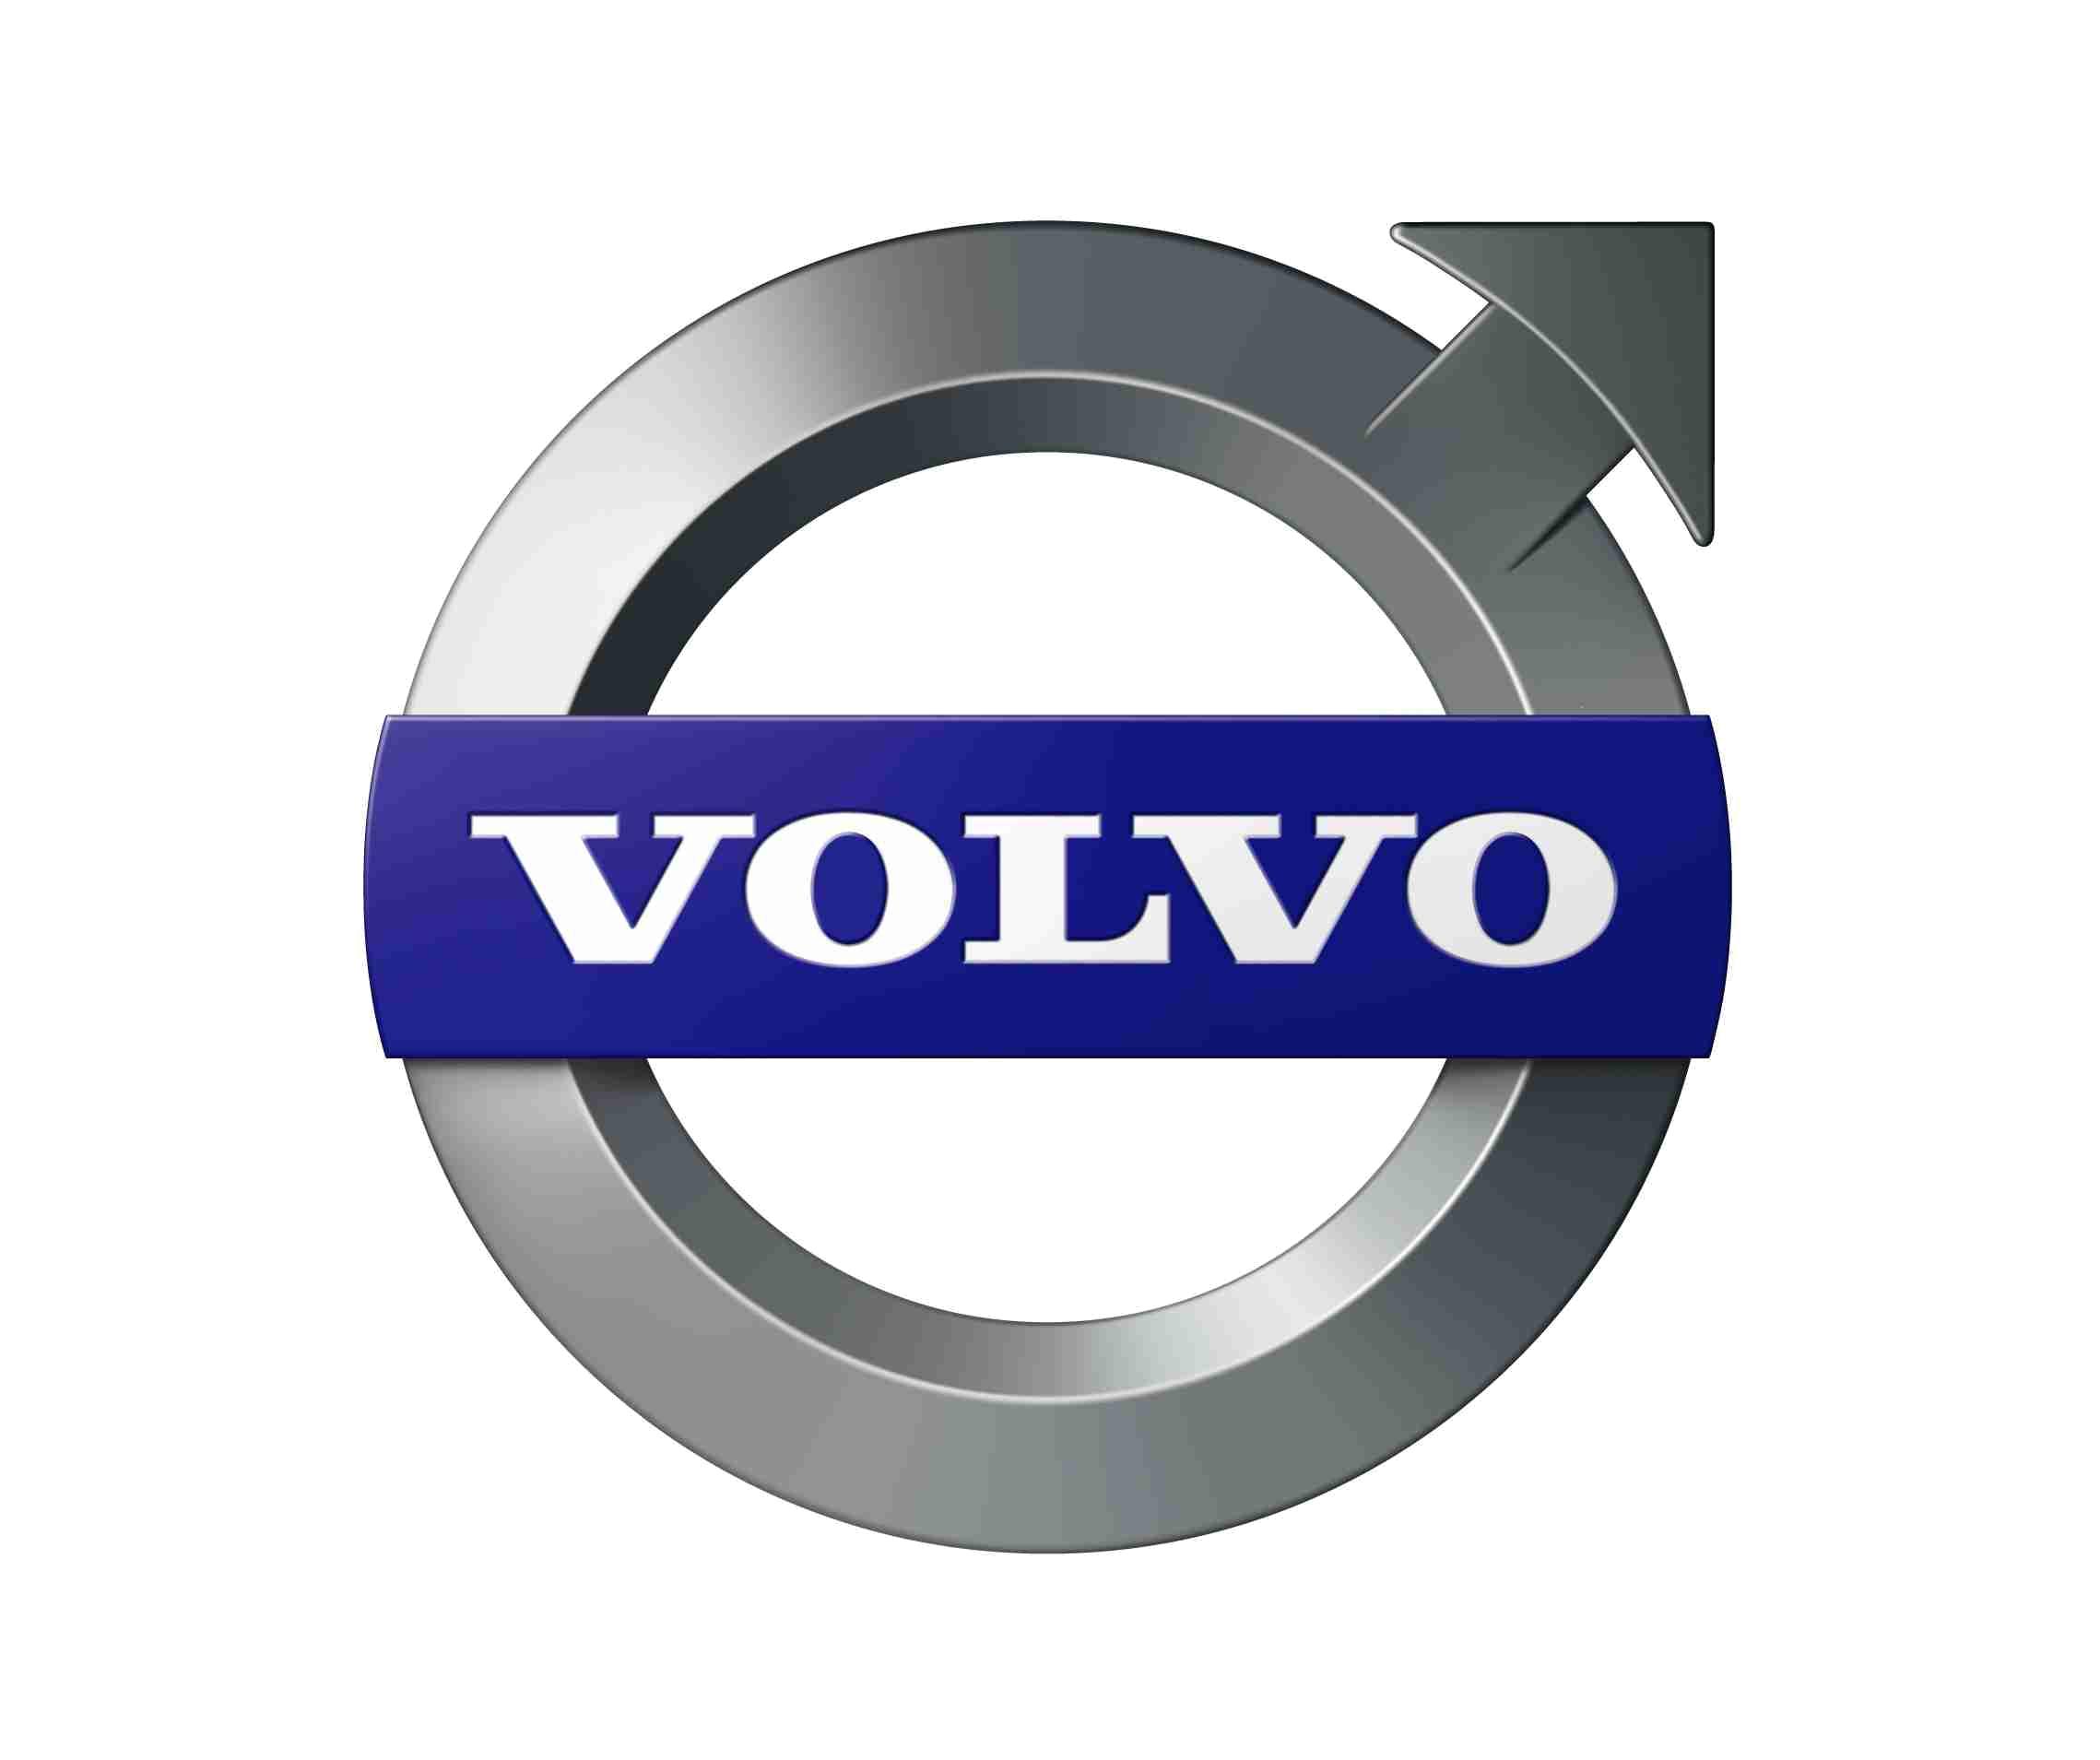 Volvo - Produttore di autoveicoli.